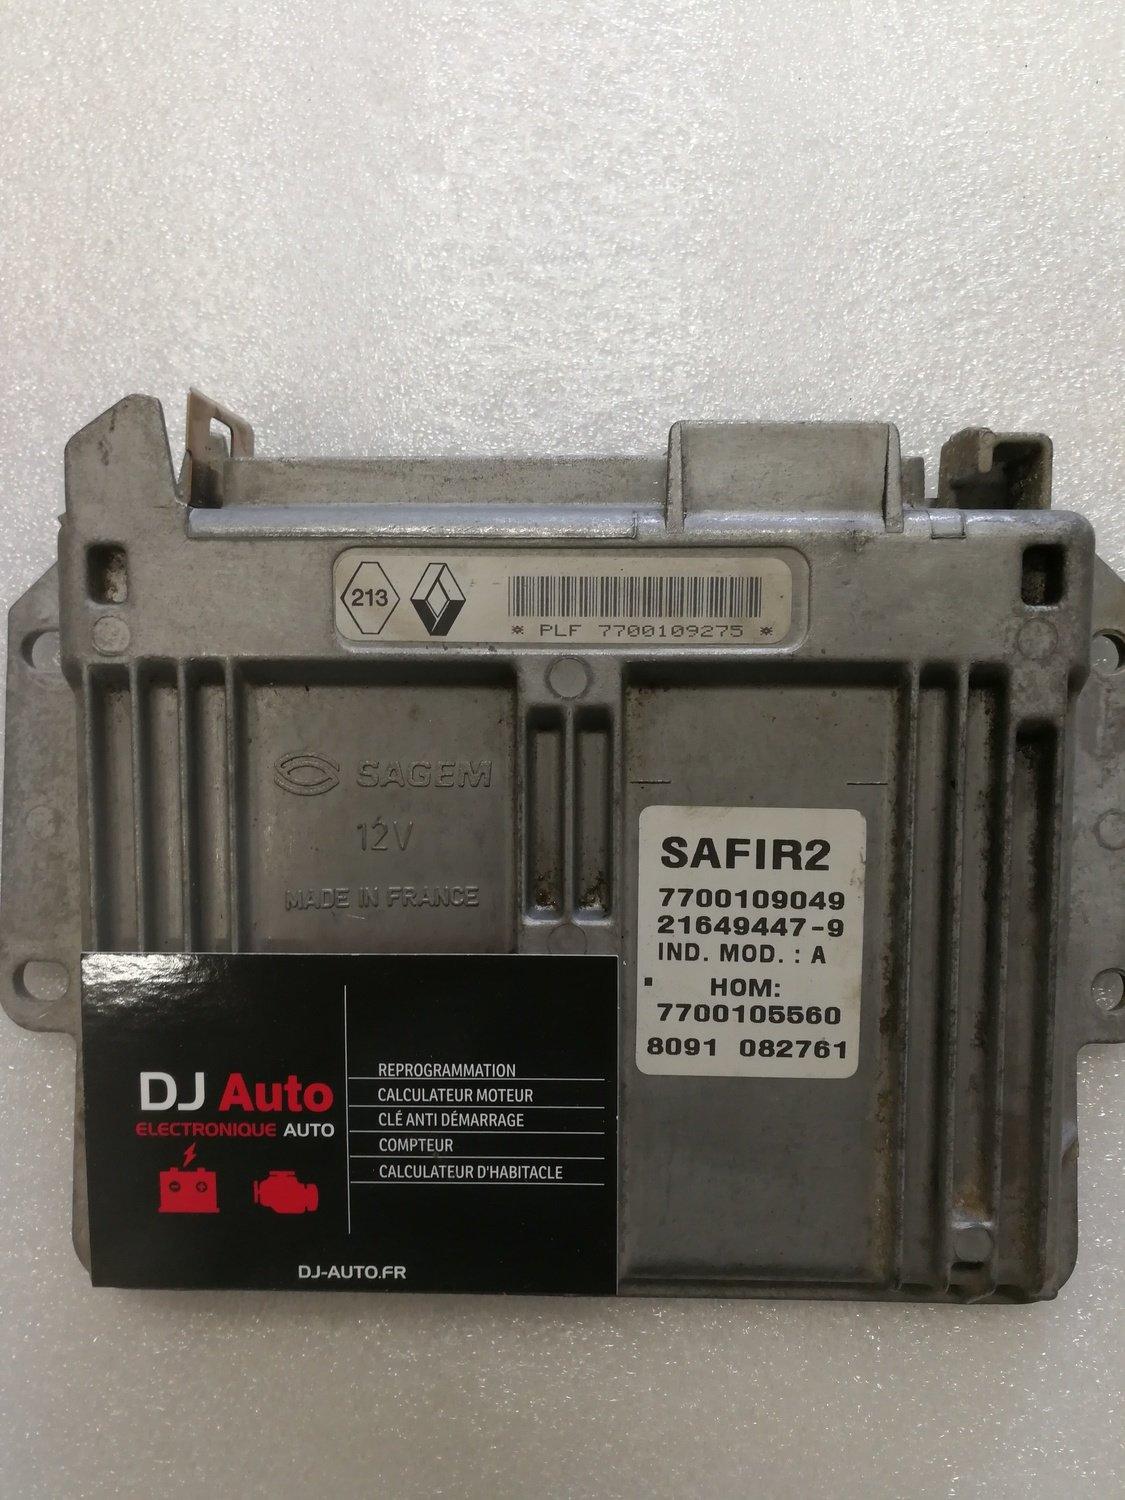 Renault Calculateur moteur SAGEM SAFIR 2 7700109049 - HOM 7700105560